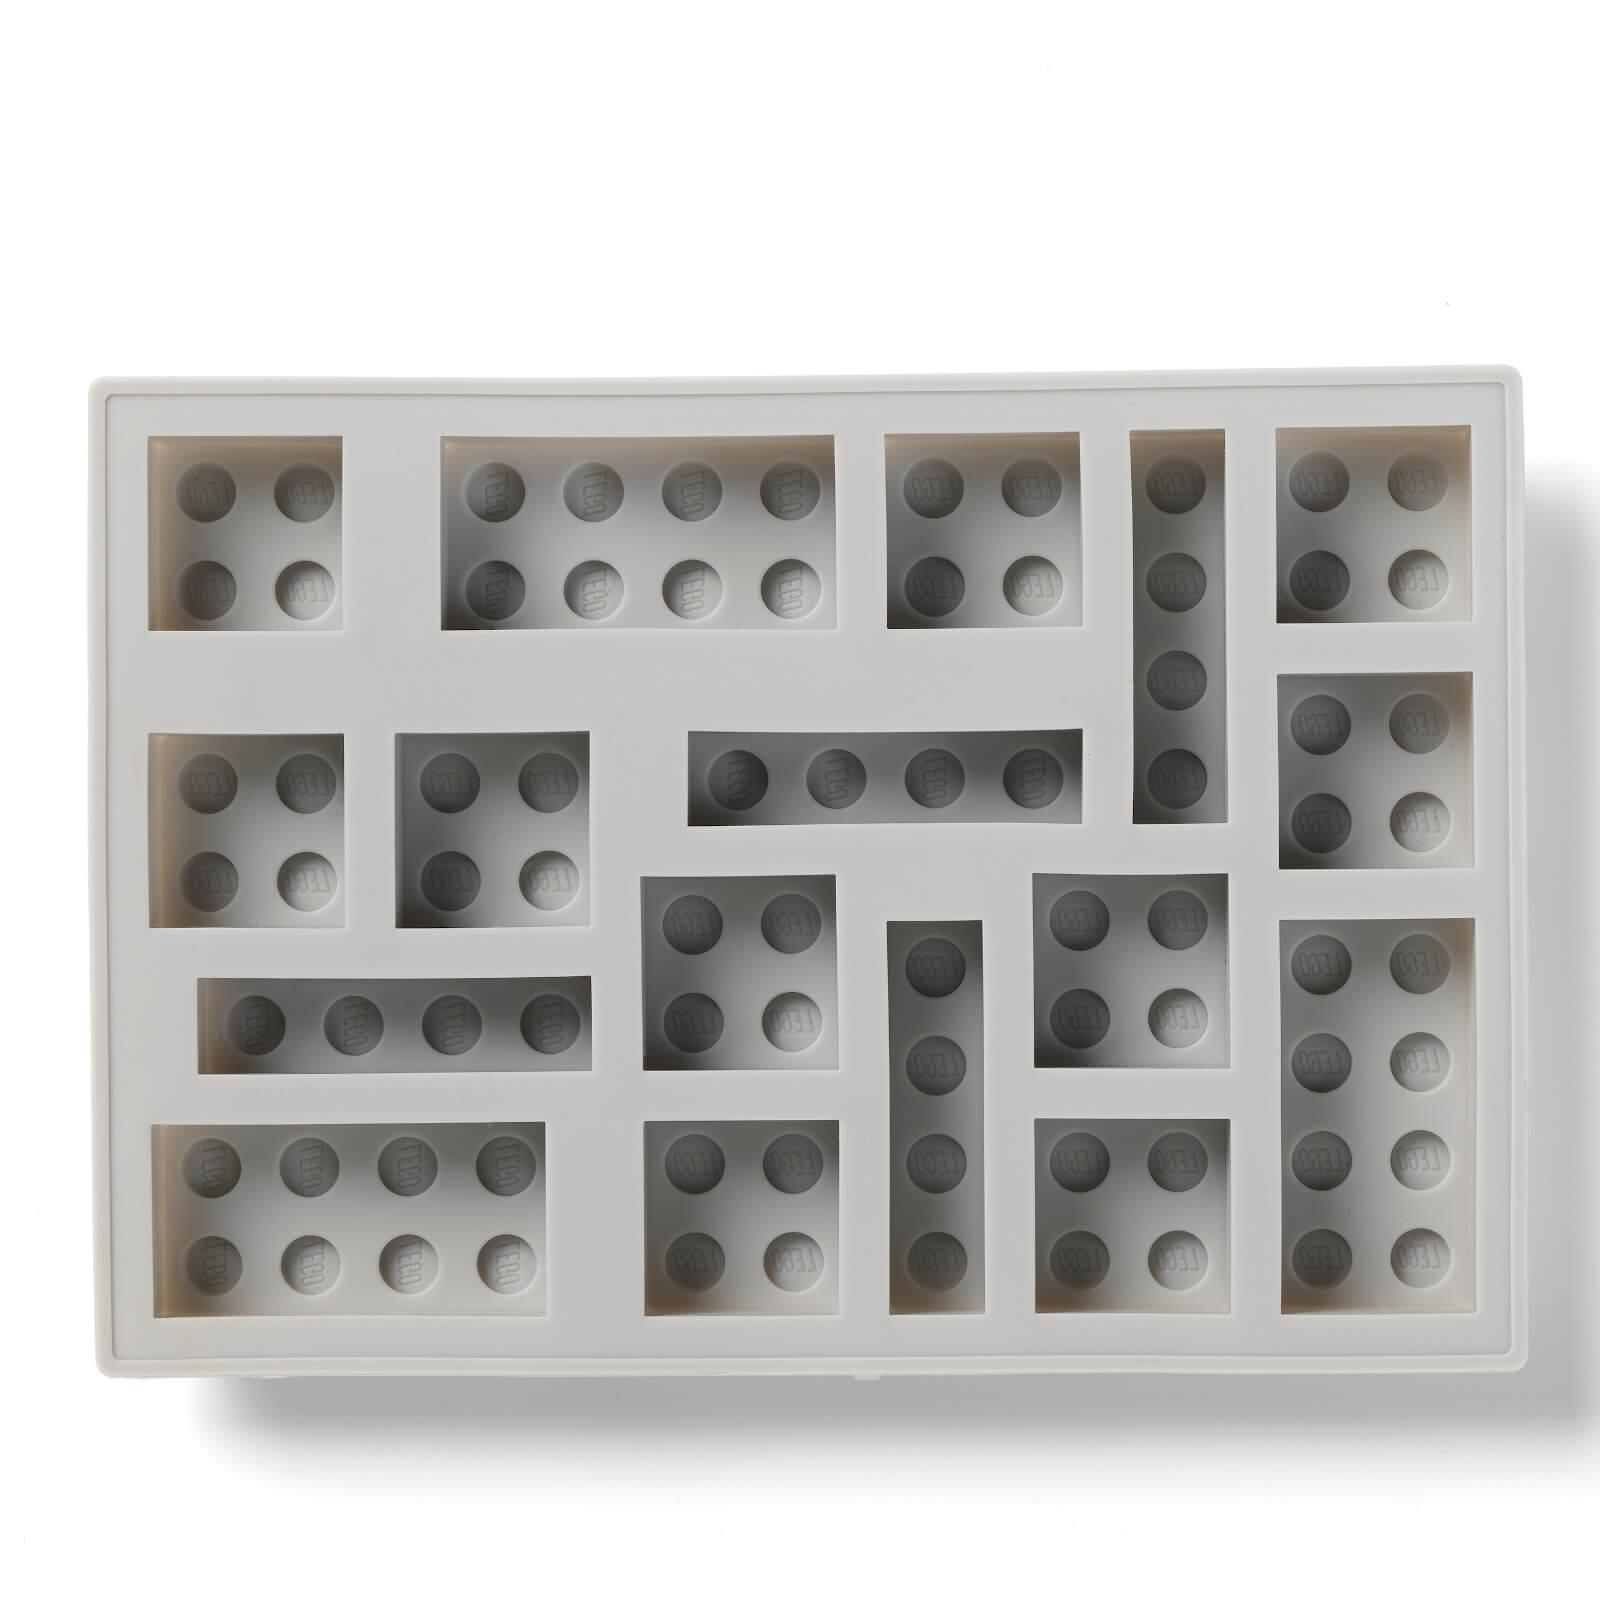 LEGO Ice Cube Tray   Grey